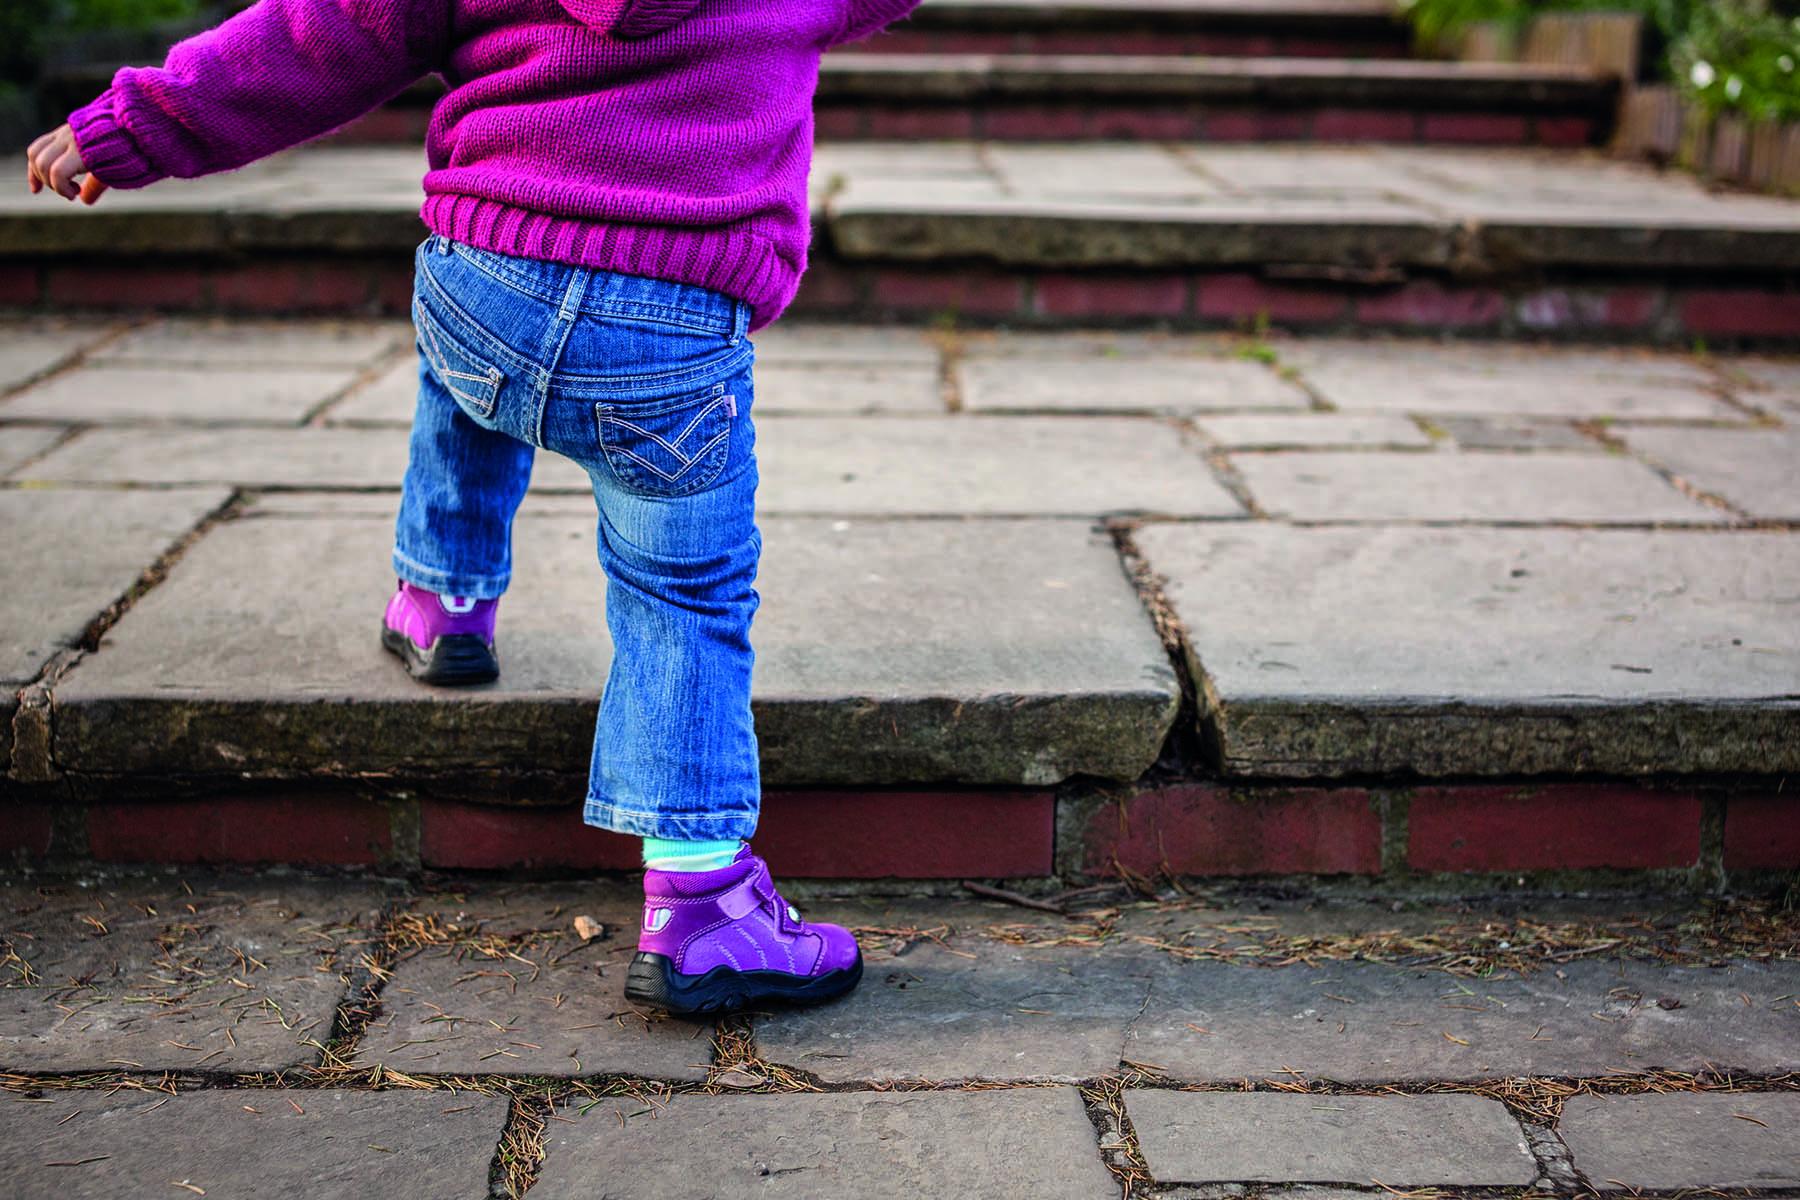 Ett barns ben bakifrån som tar sig upp för en trappa